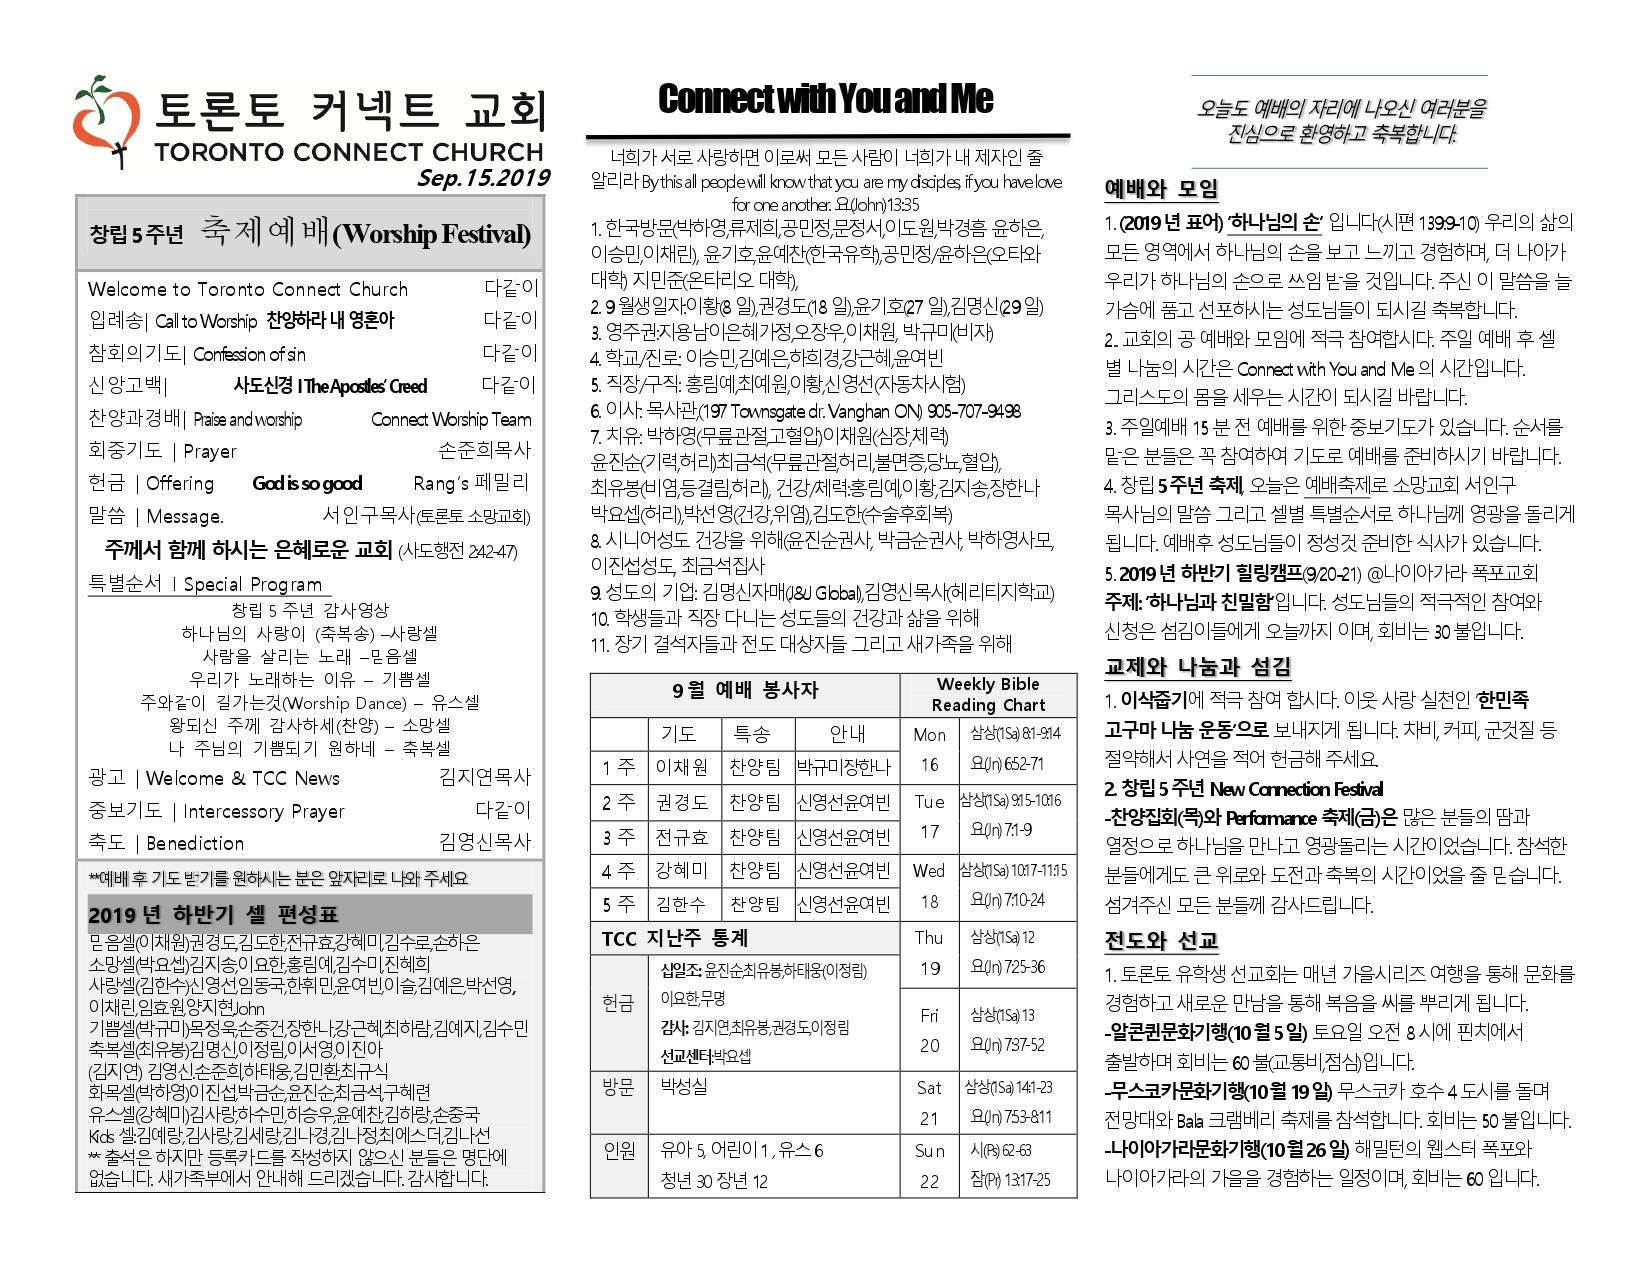 [2019.9.15] 창립5주년 감사예배 온라인 주보